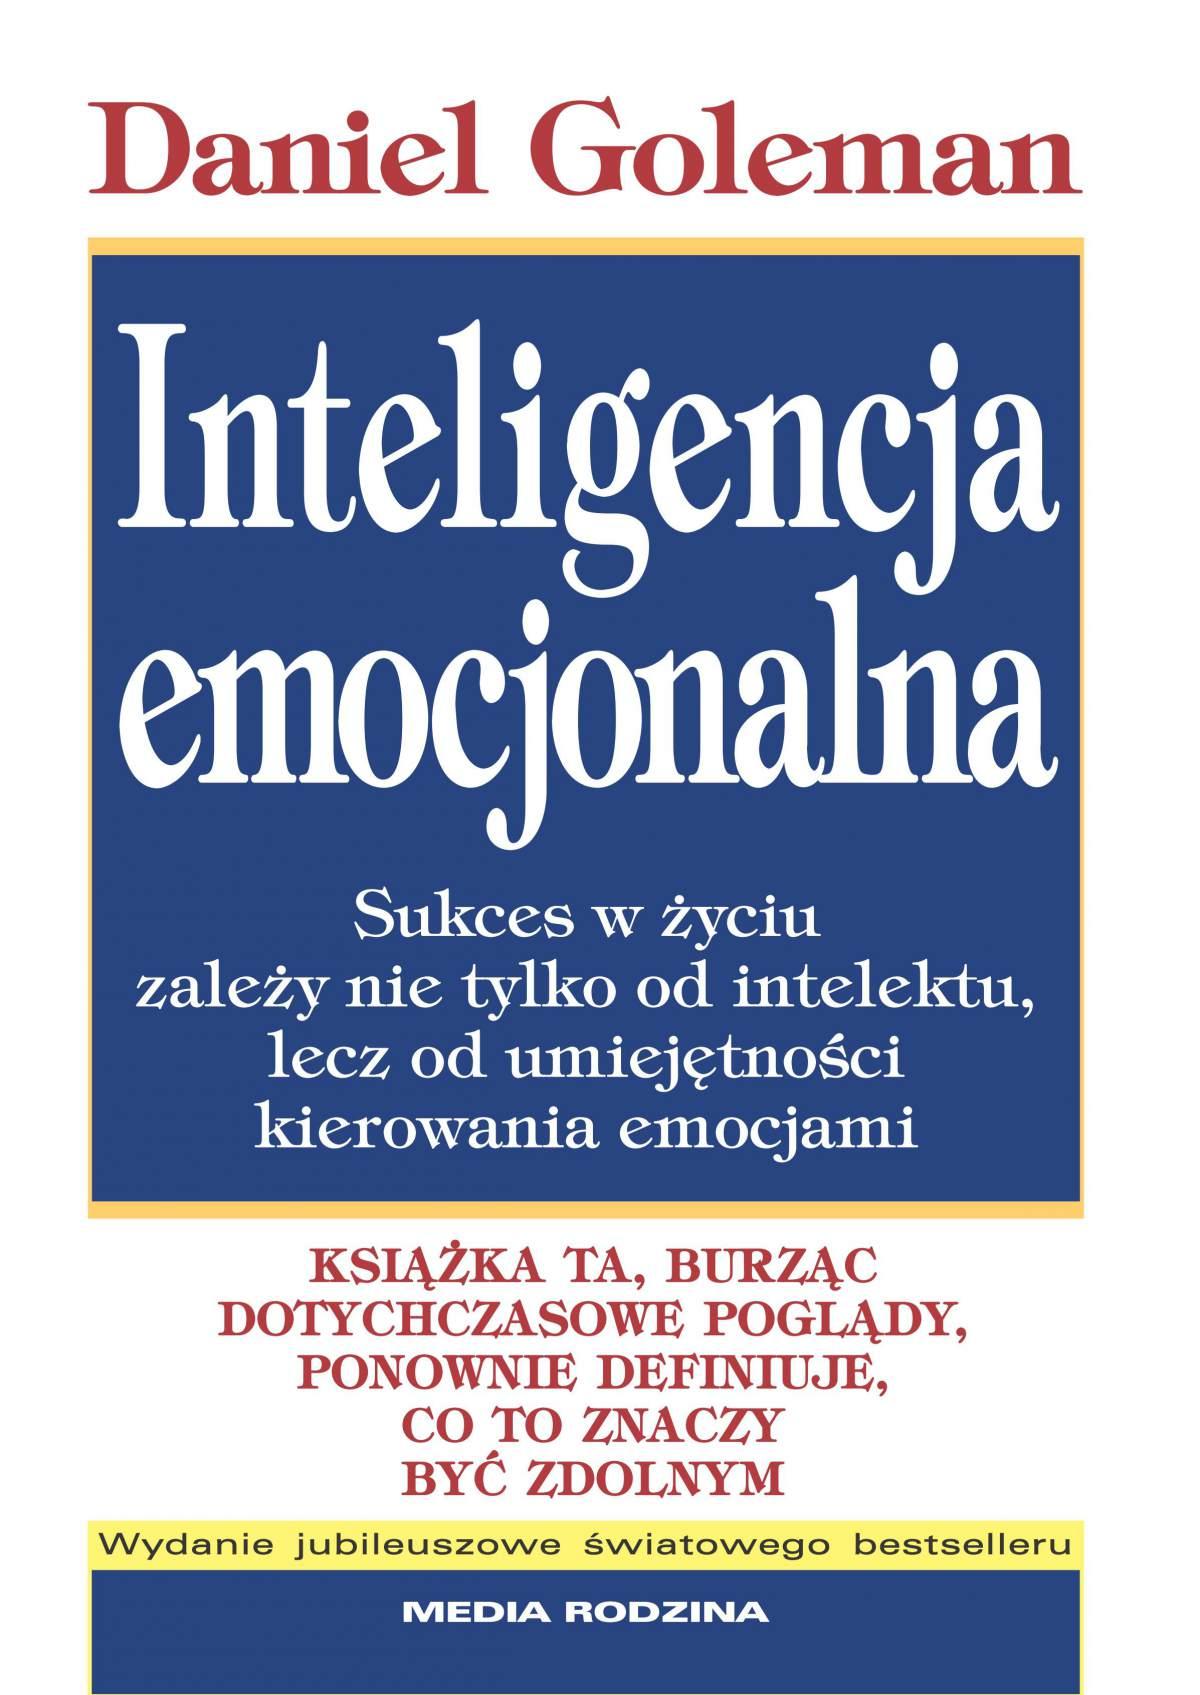 Inteligencja emocjonalna - Ebook (Książka EPUB) do pobrania w formacie EPUB